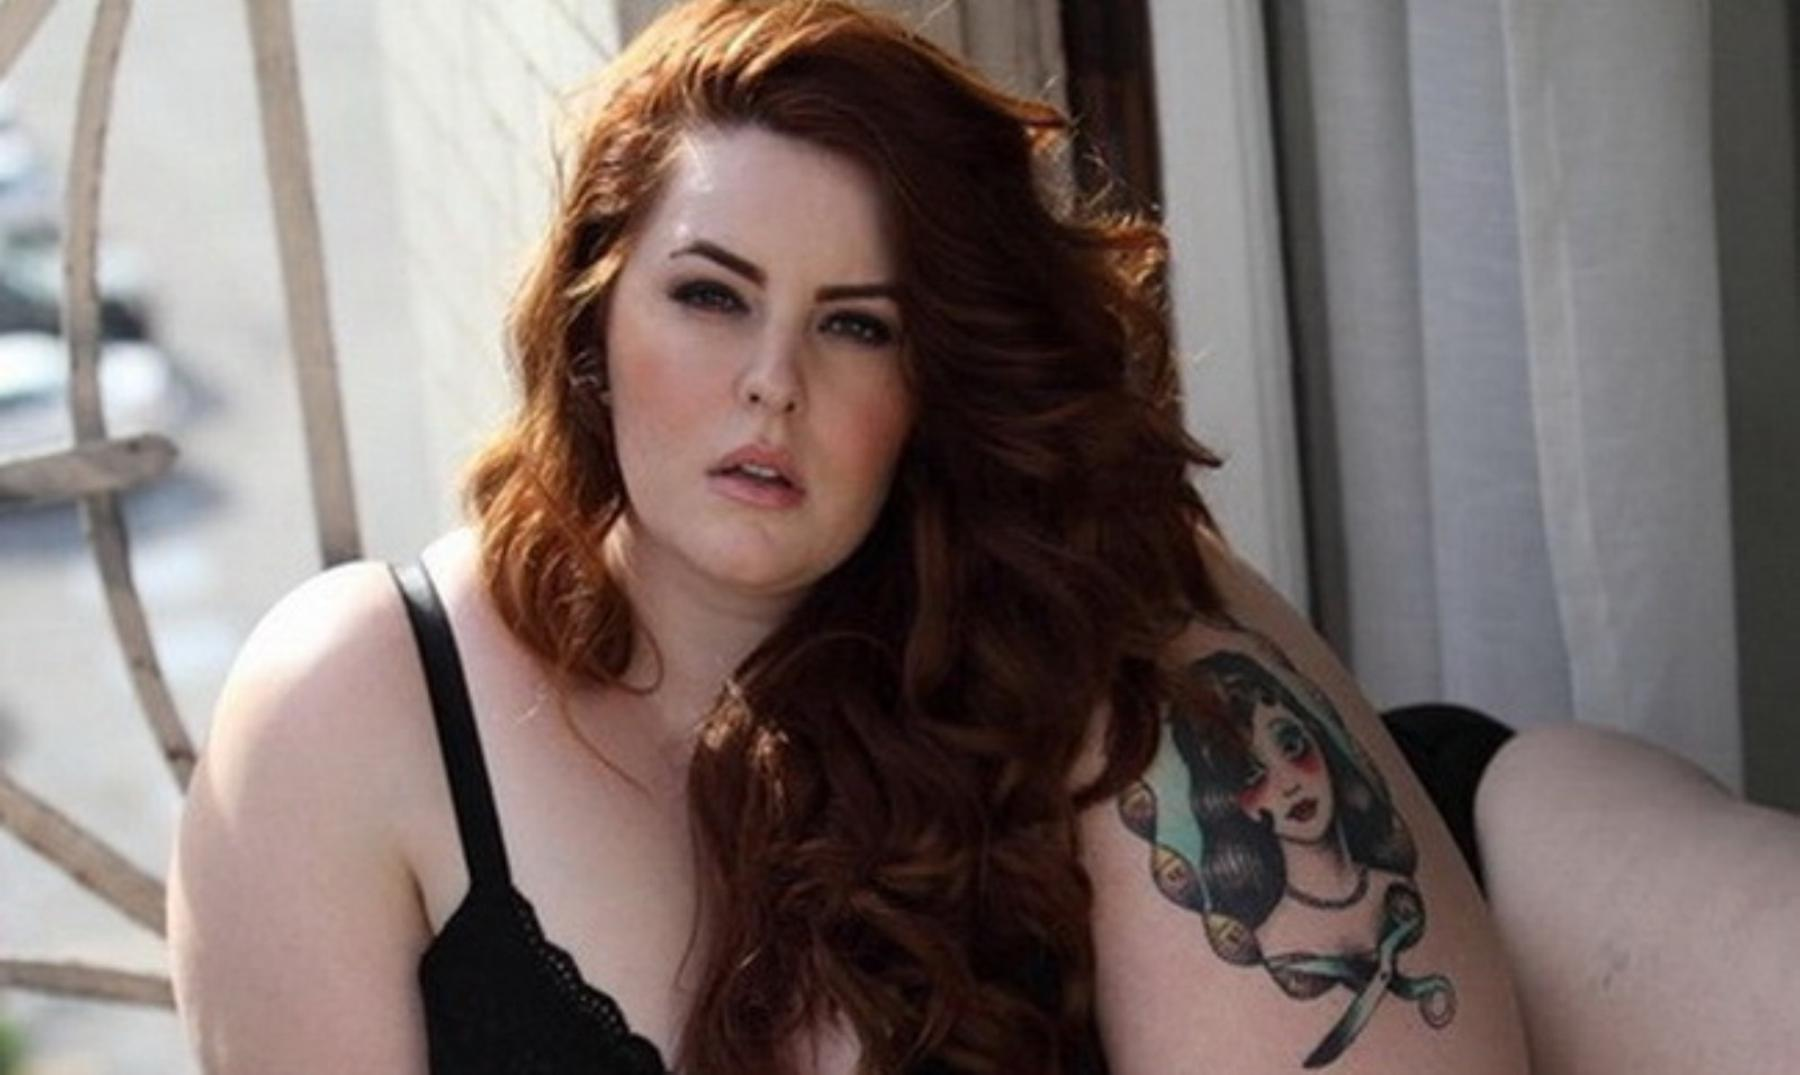 Tess Munster, nuevos cánones de belleza en una modelo XXL